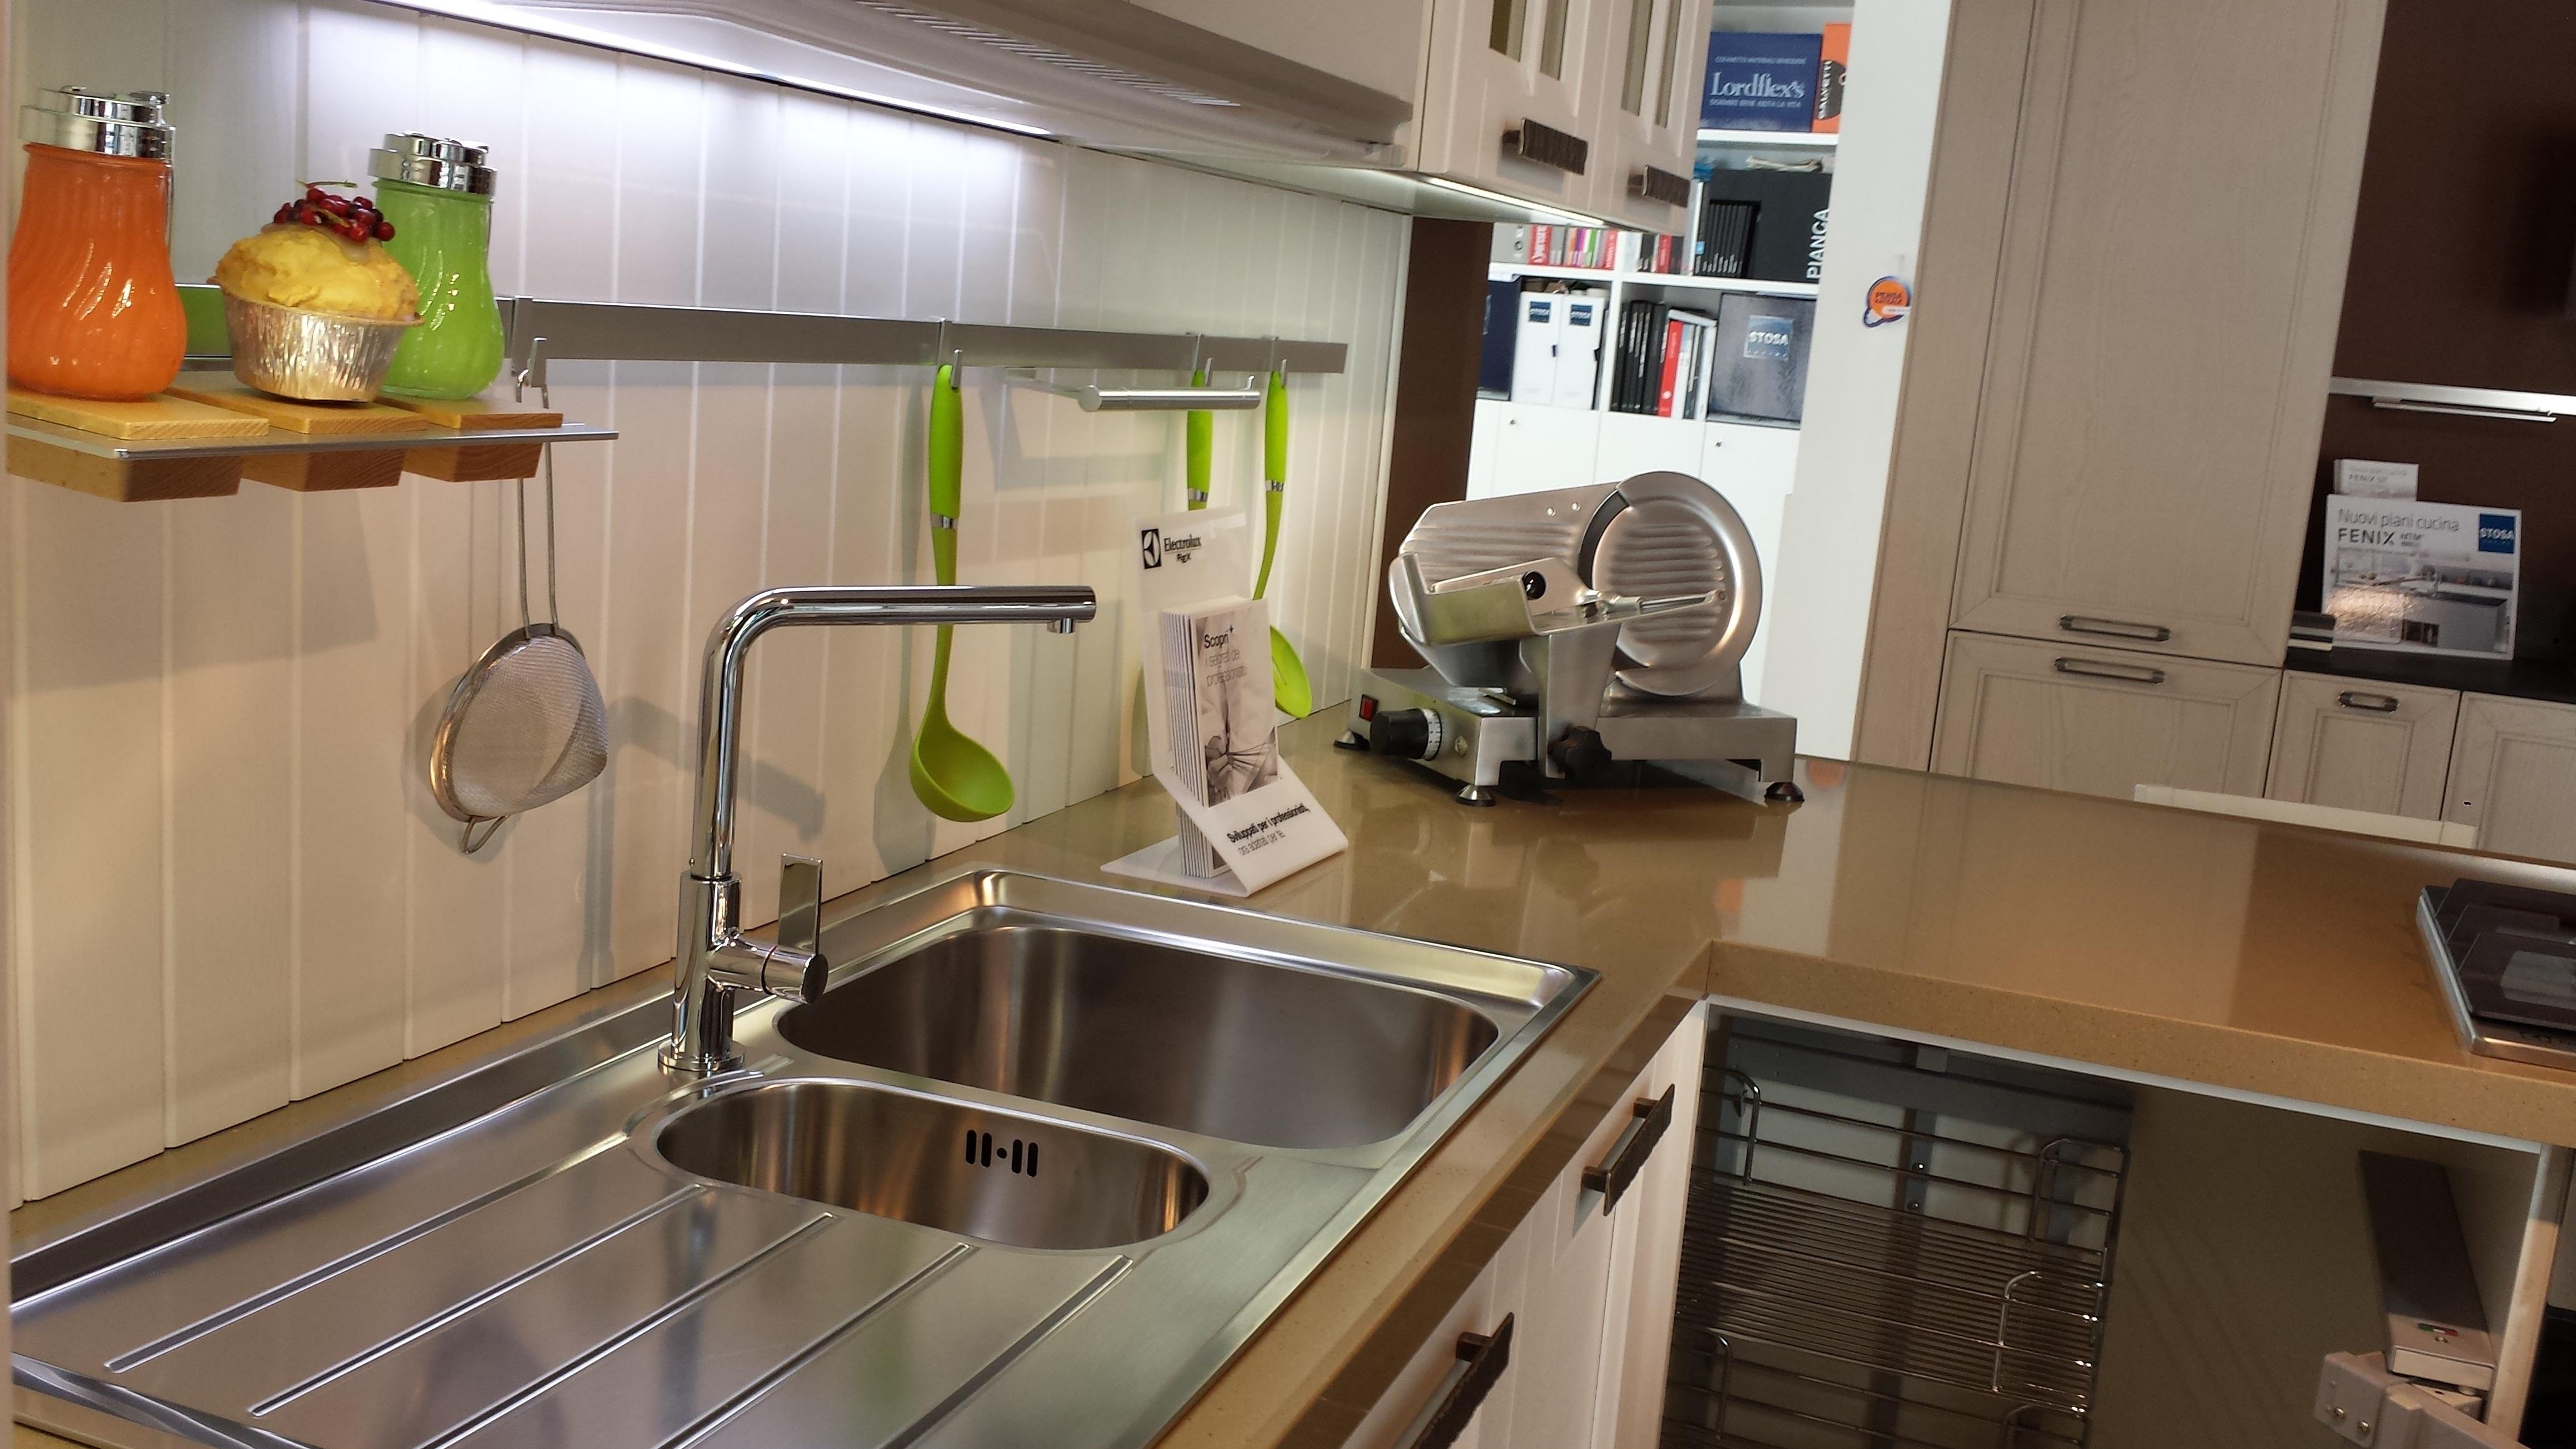 Outlet Cucine Piemonte Offerte Cucine A Prezzi Scontati Share The  #B54C17 4128 2322 Le 10 Cucine Più Belle Del Mondo